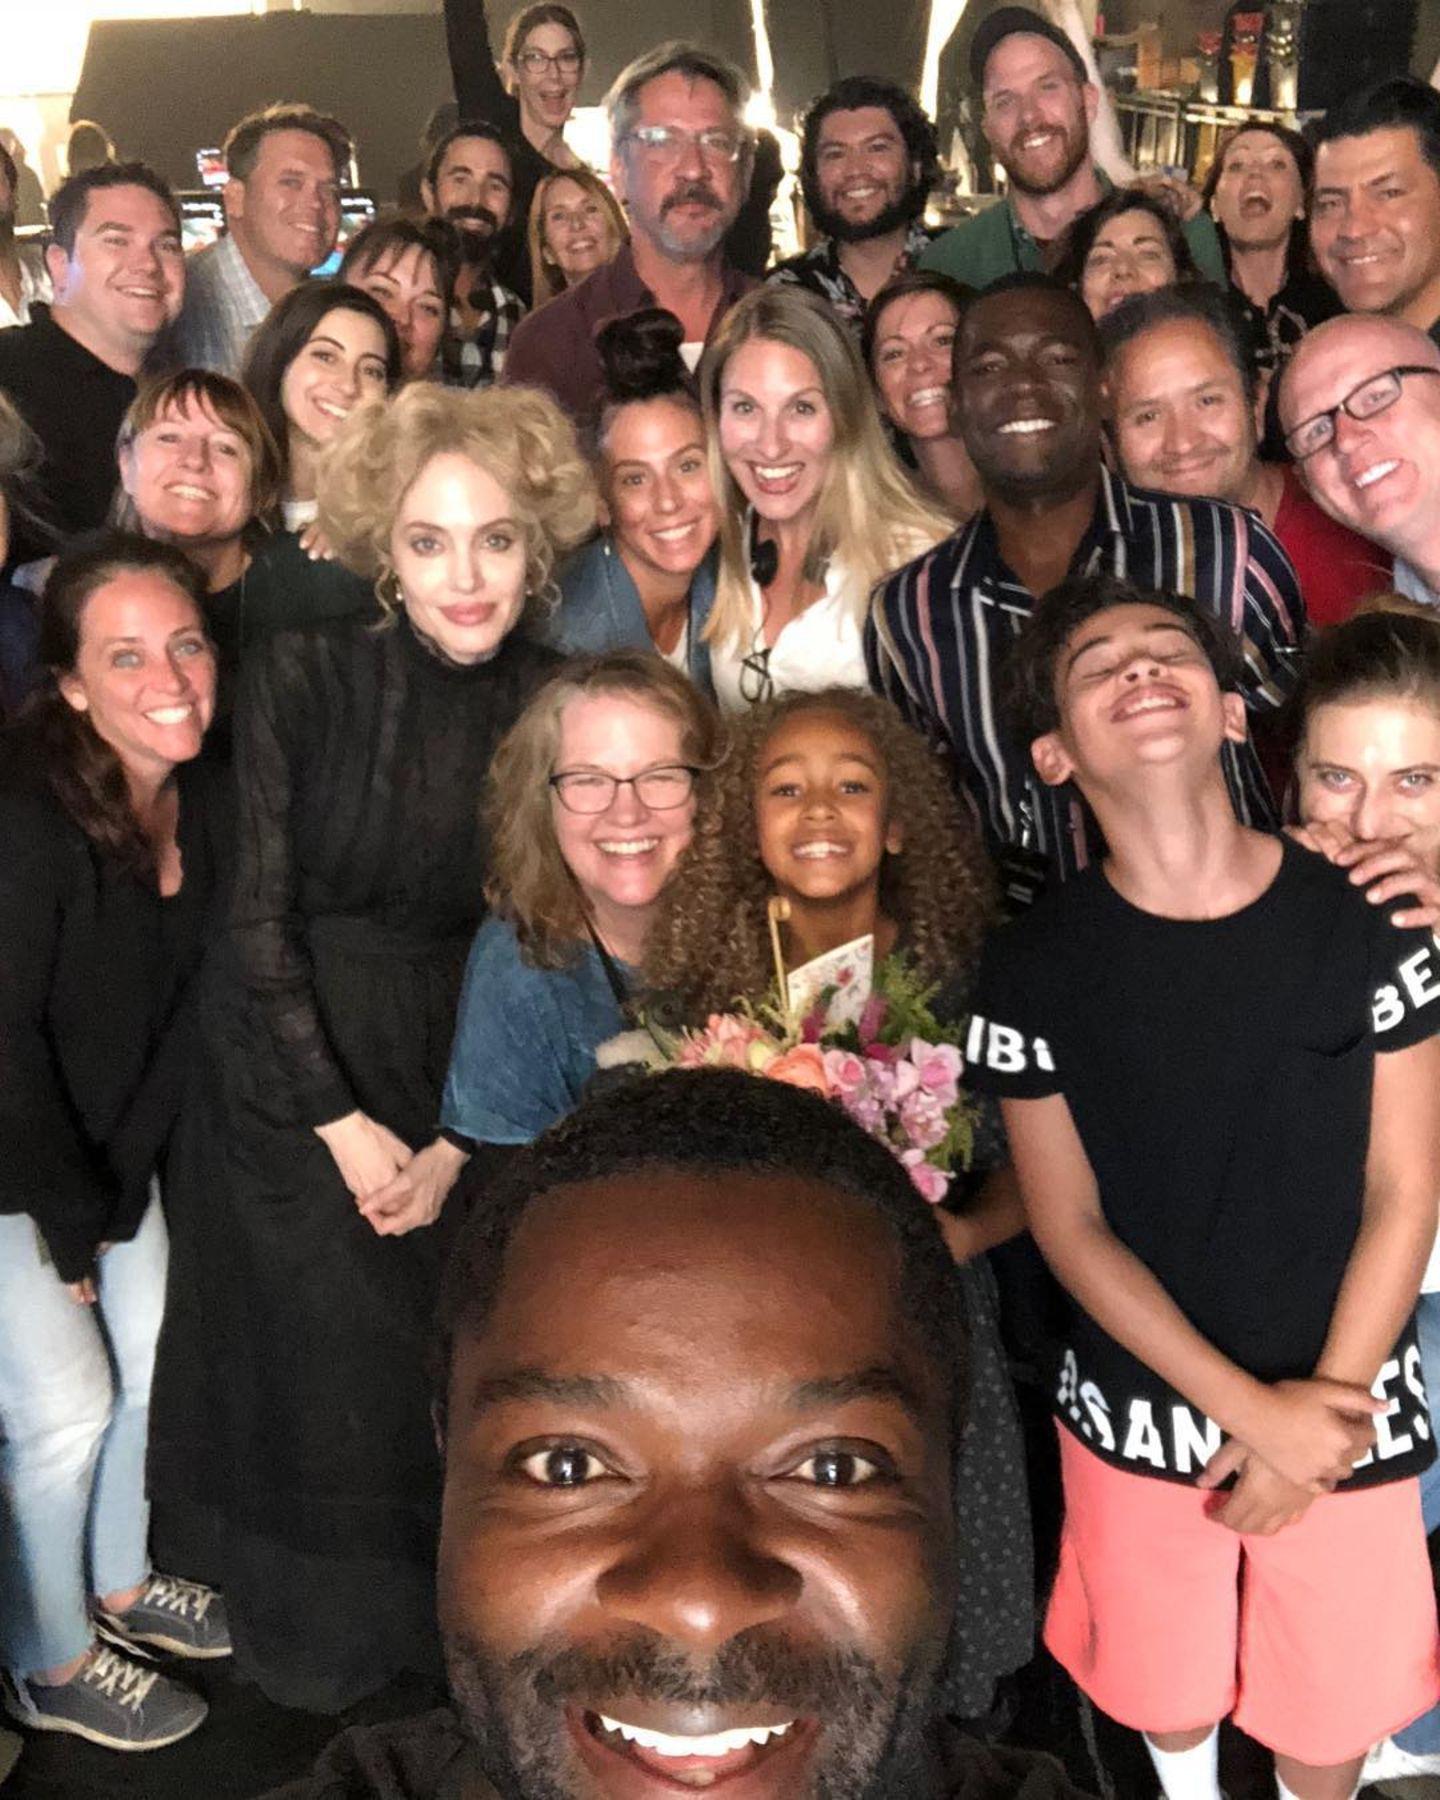 """13. Oktober 2018  Der britische Schauspieler David Doyelowo schießt vom Set des Films """"Come away"""" ein Selfie mit der Crew. Erkennen Sie den Superstar mit blonder Perücke links im Bild? Richtig, es ist Angelina Jolie, die in dem Fantasy-Film eine der Hauptrollen spielt."""